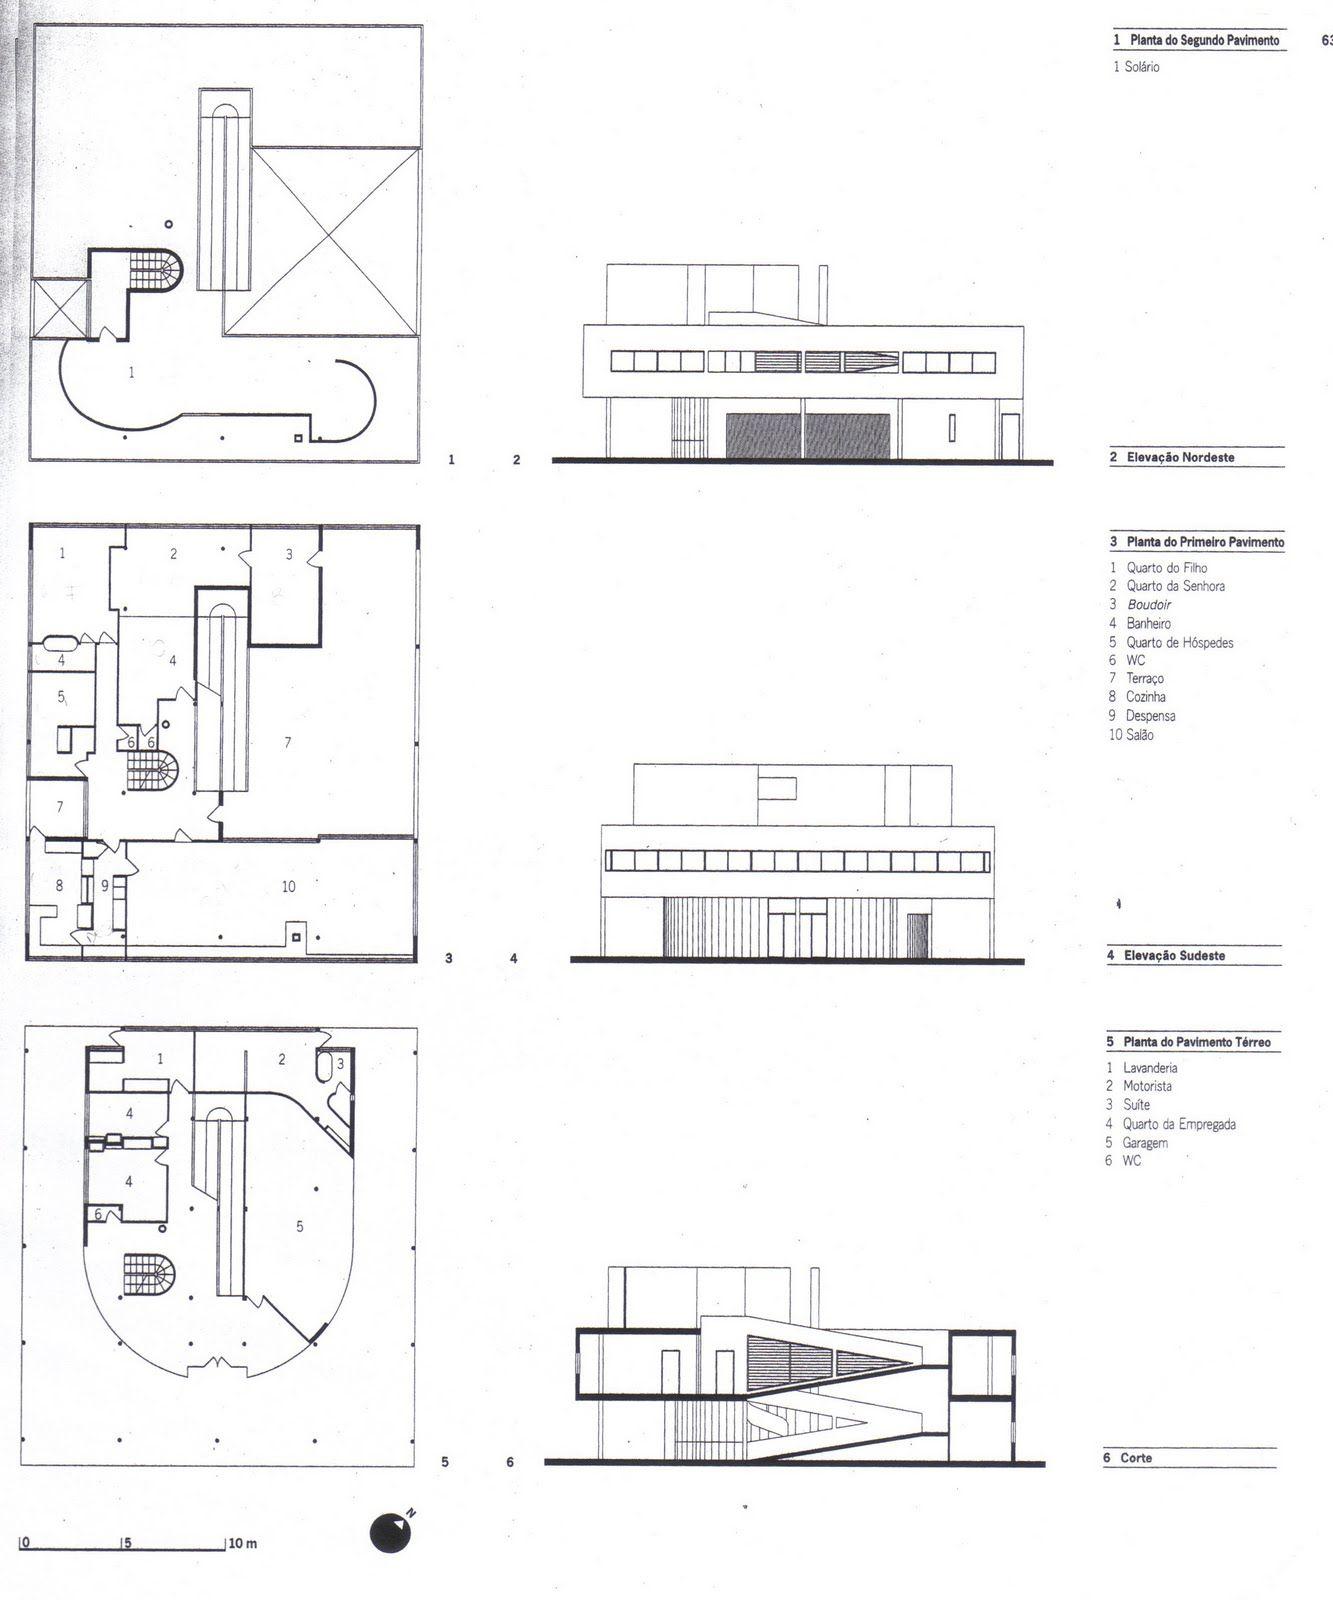 ville savoye planta pesquisa google - Plan Maison Google Sketchup